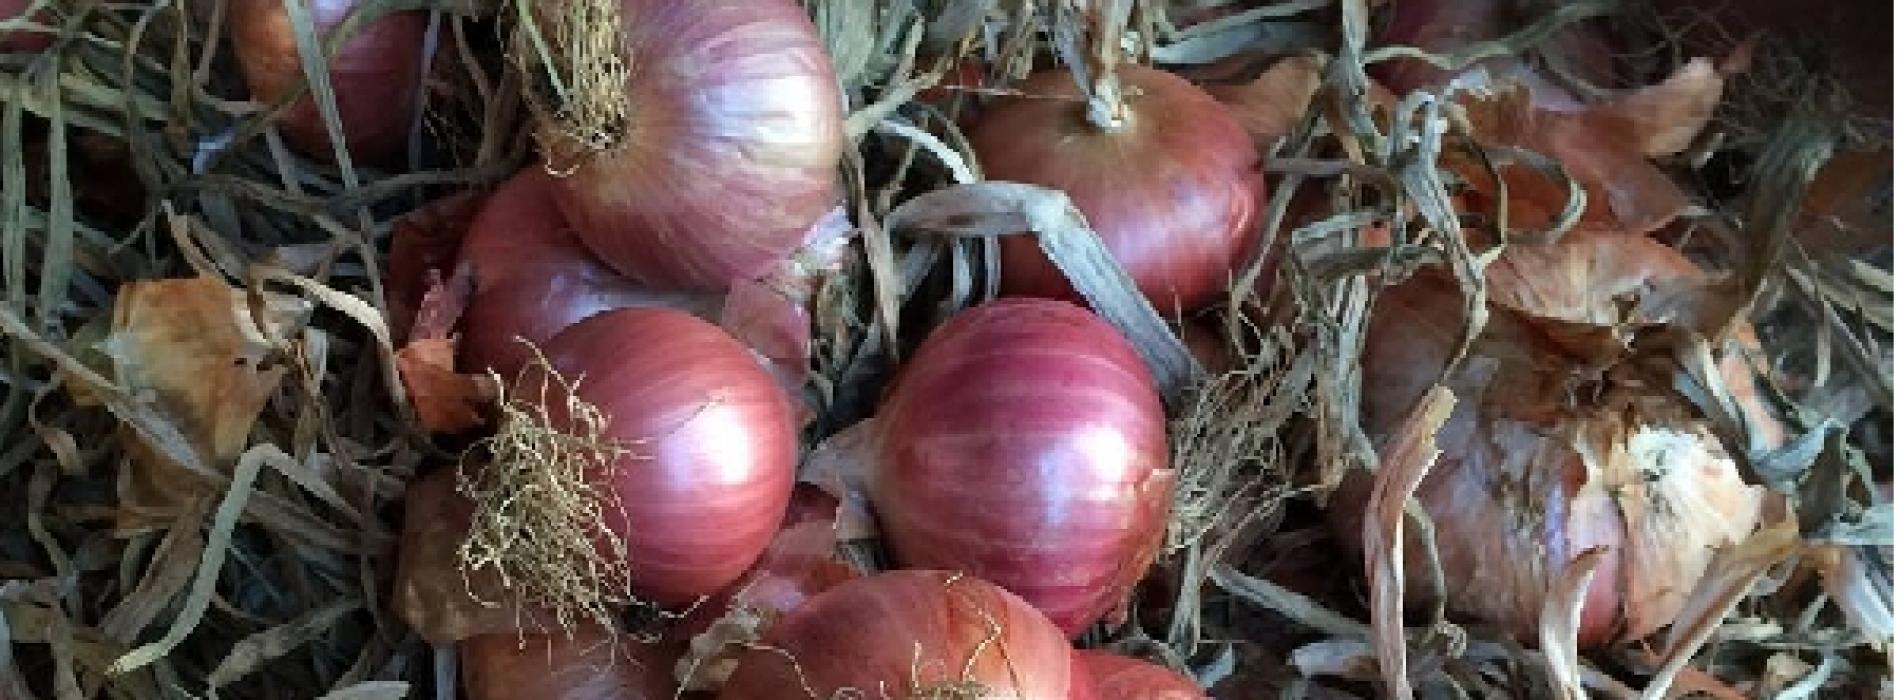 La Via delle Bontà passa per Alife, tra cipolle e fagioli